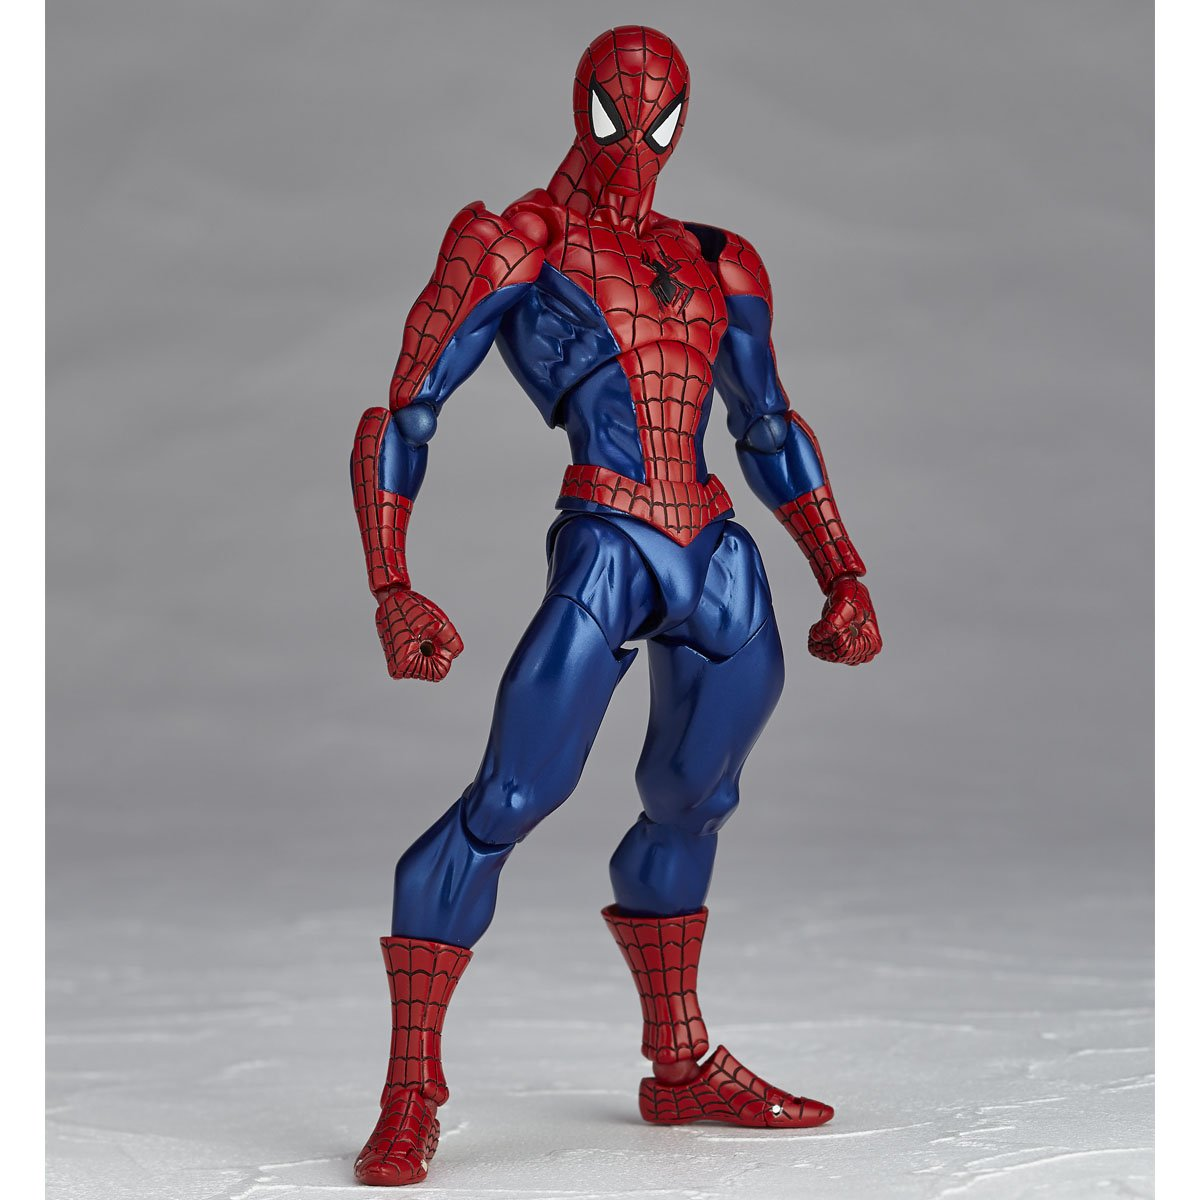 [好評再販] KAIYODO / 山口式 / 轉輪 / 002 / 漫威MARVEL / 蜘蛛人SPIDERMAN